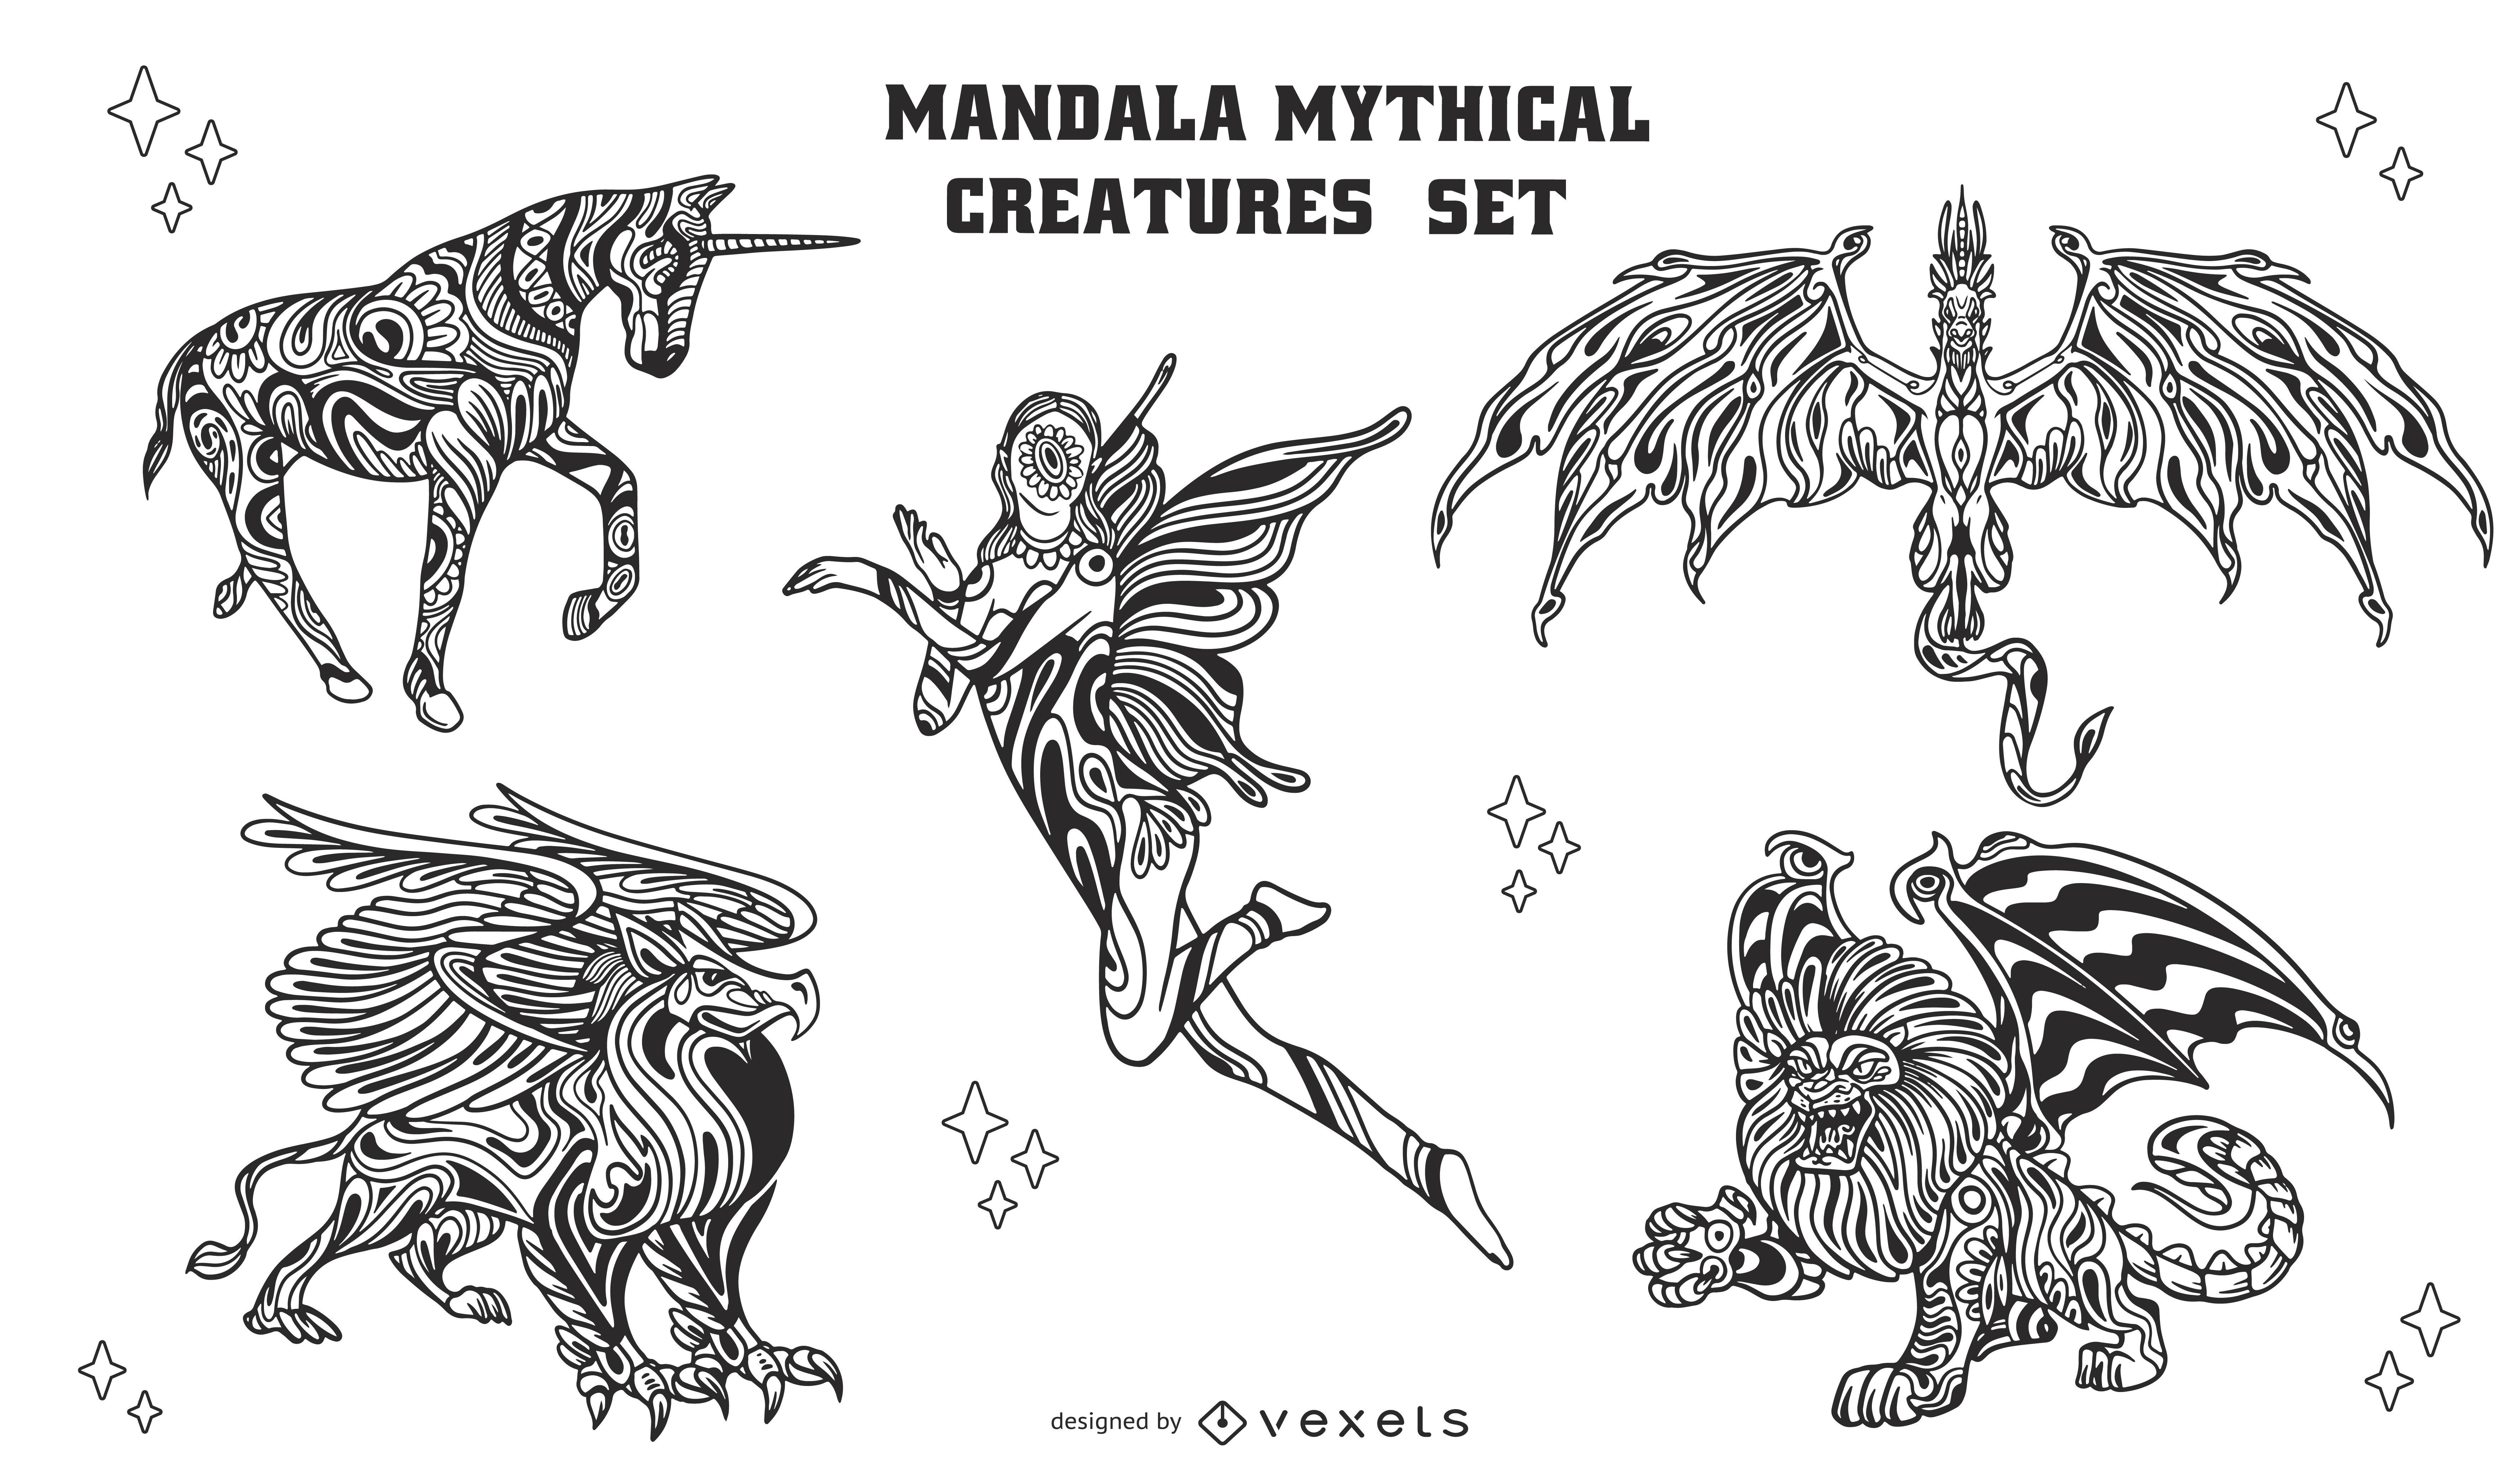 Conjunto de criaturas m?ticas de mandala fresco